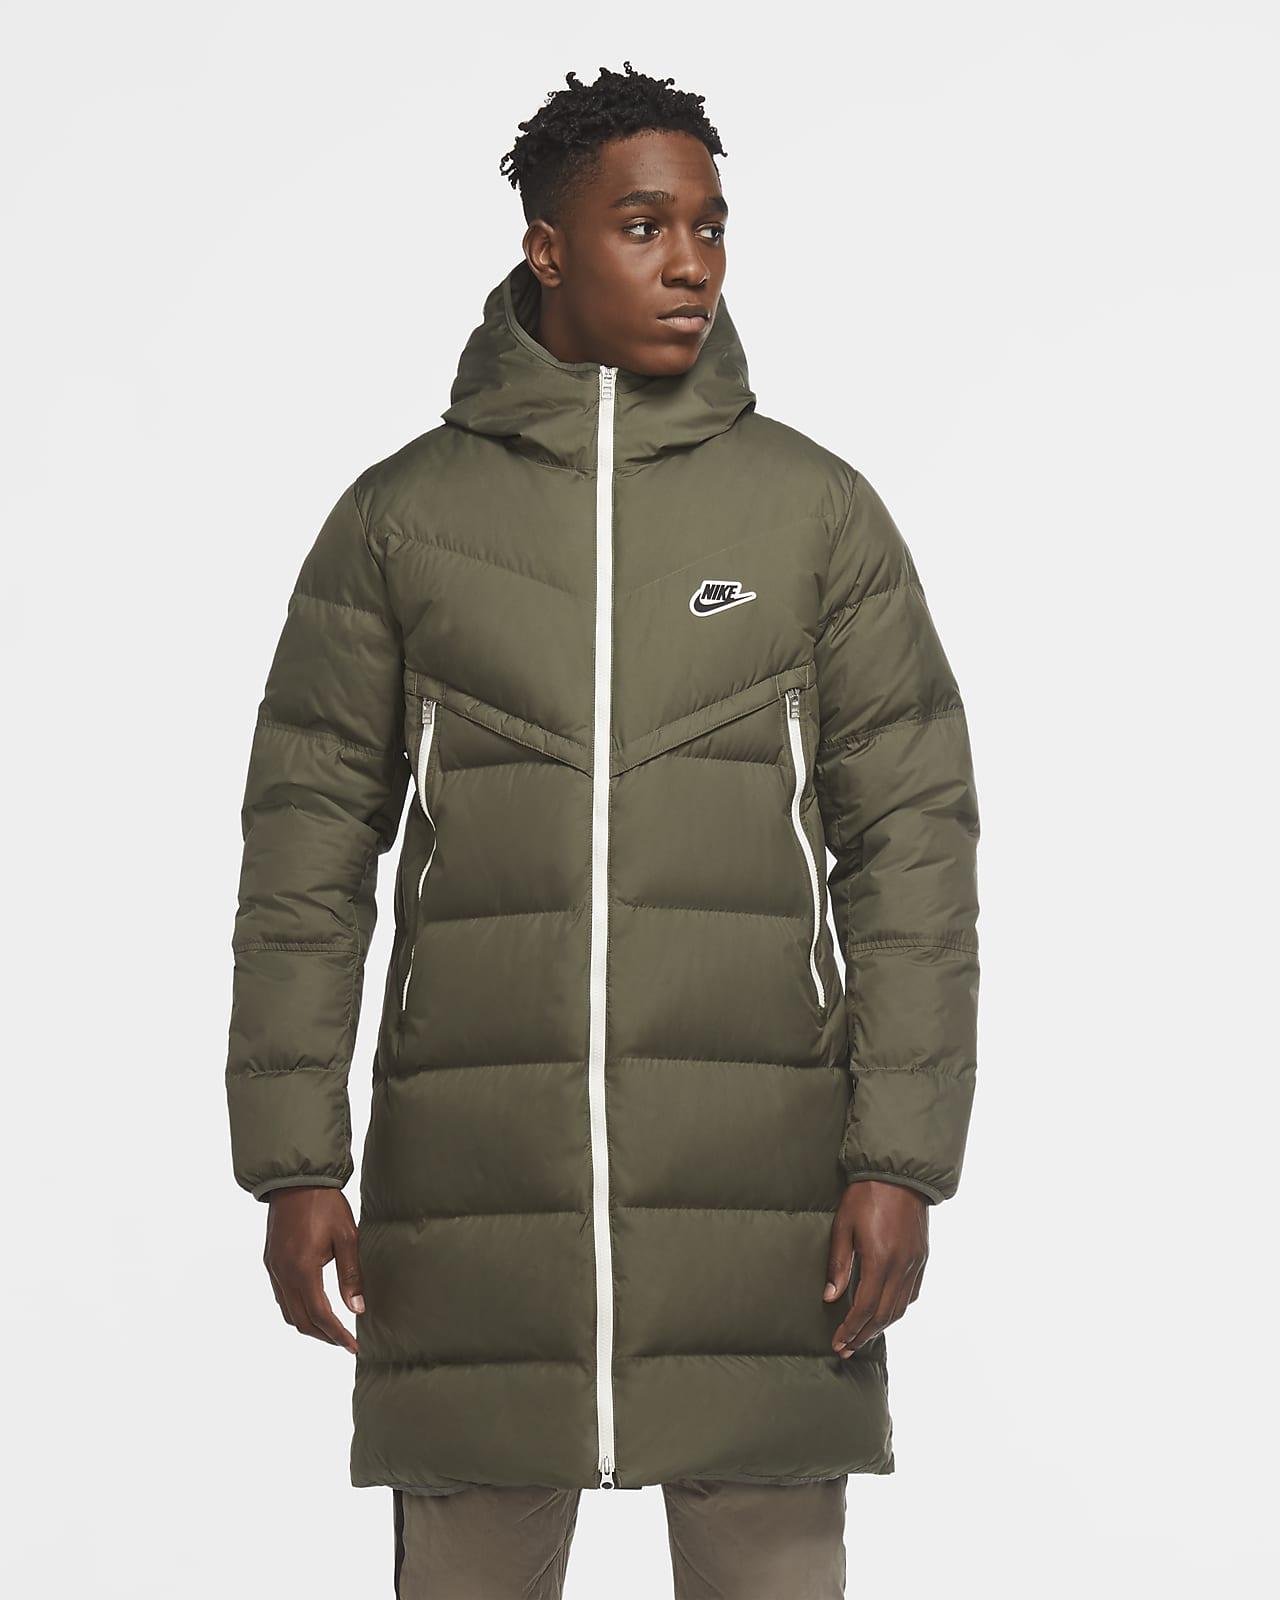 Ανδρικό παρκά Nike Sportswear Down-Fill Windrunner με φινίρισμα Shield